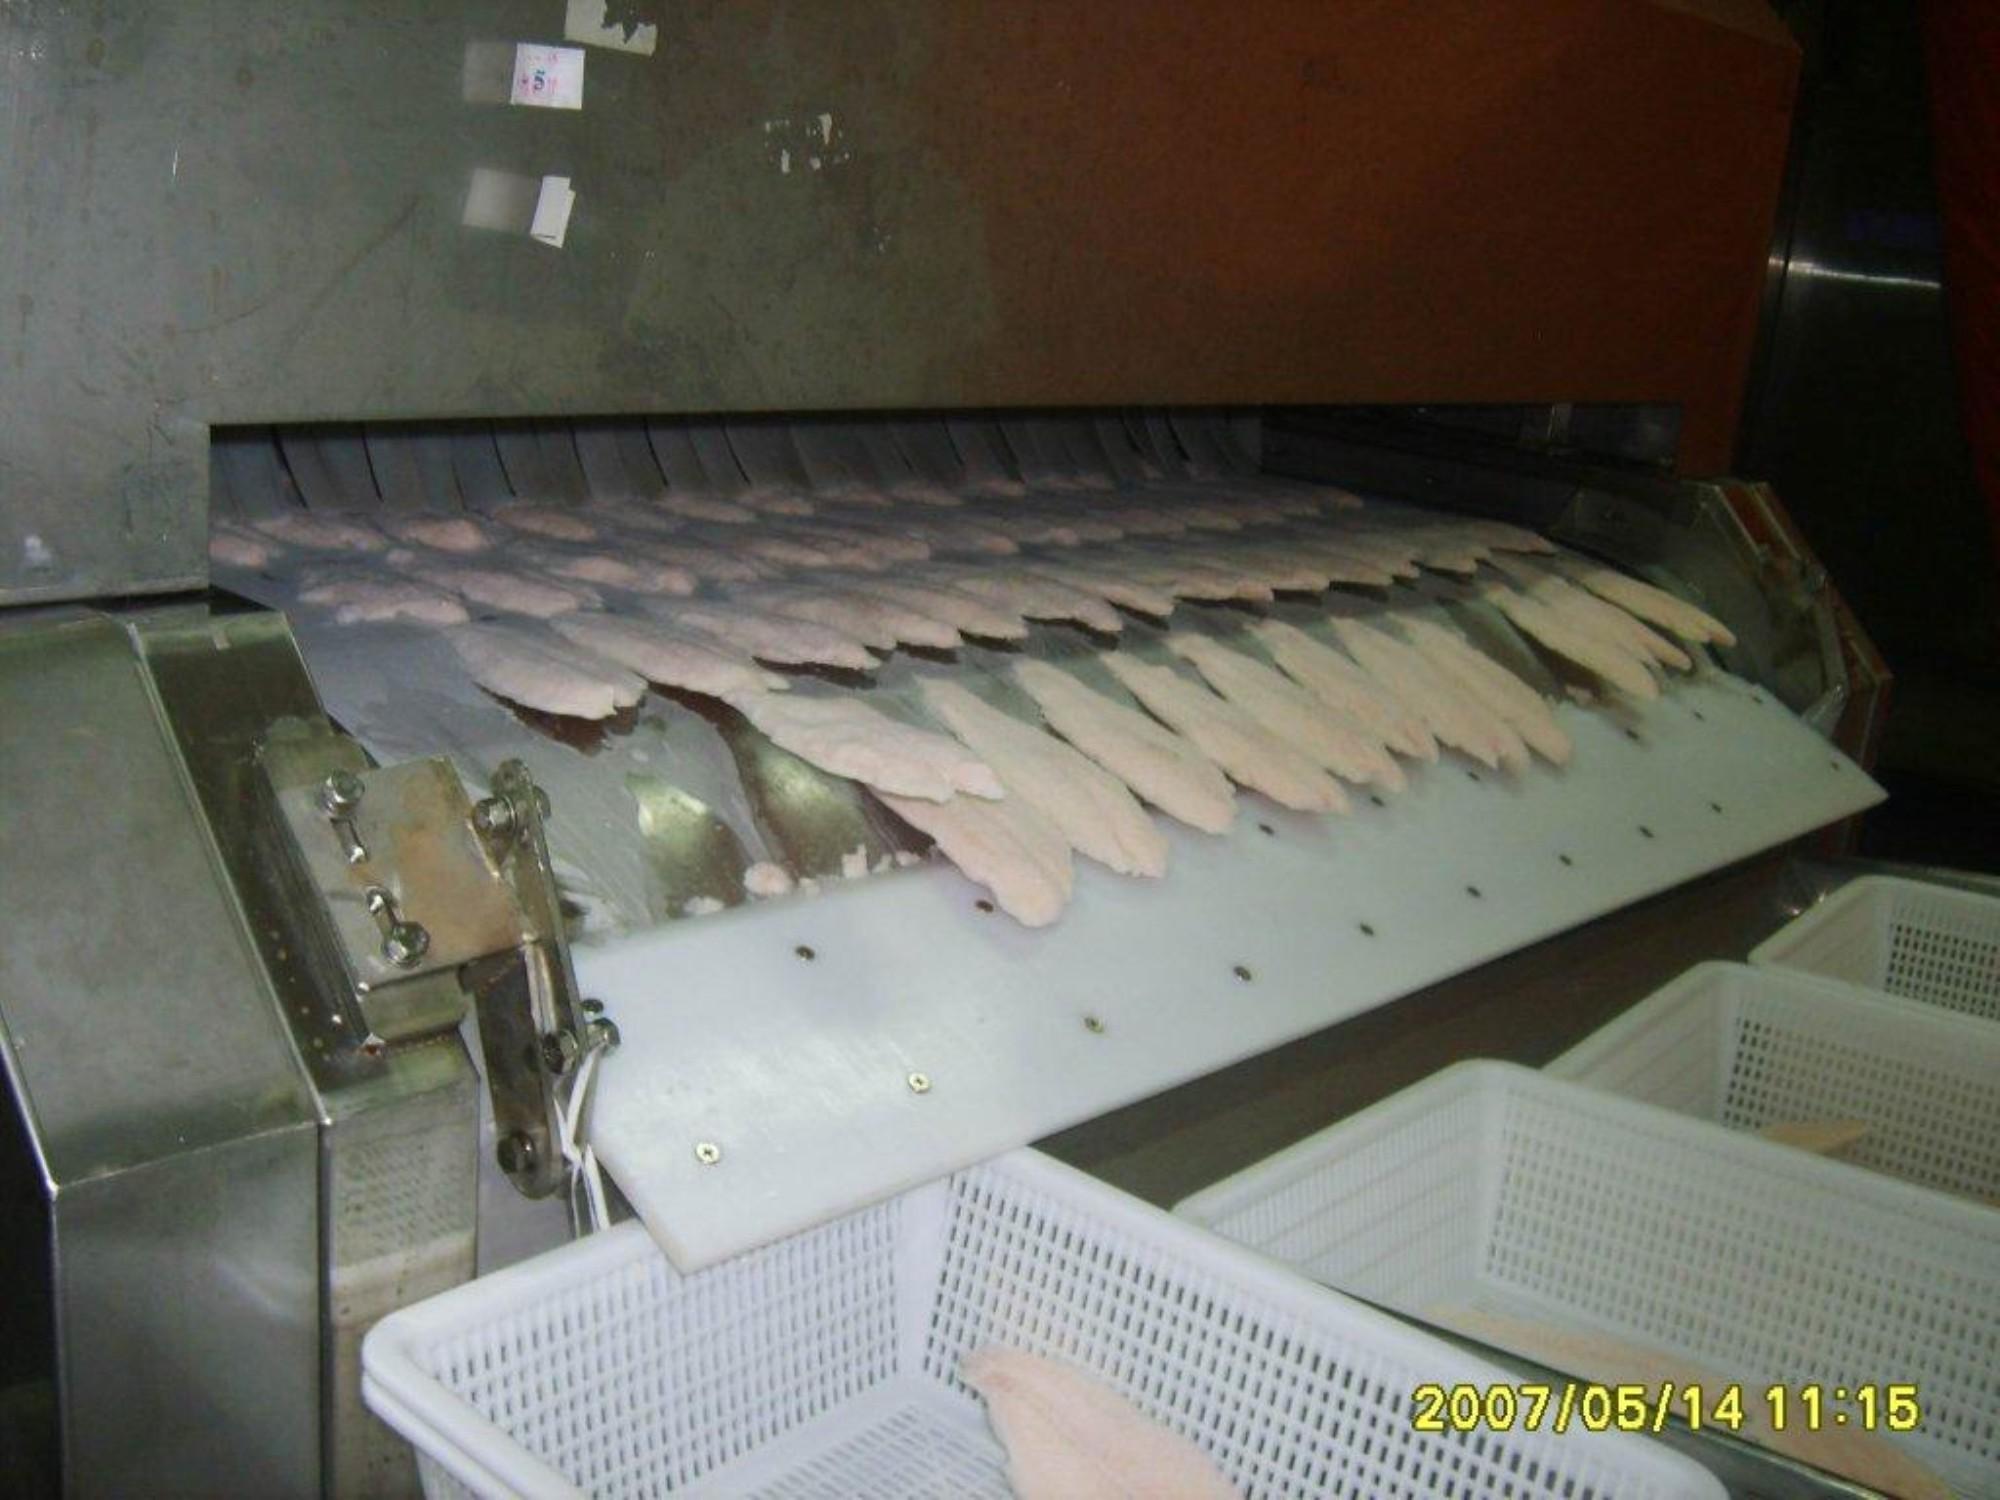 Flat Plate Tunnel Freezer For Fish Fillet Manufacturers, Flat Plate Tunnel Freezer For Fish Fillet Factory, Supply Flat Plate Tunnel Freezer For Fish Fillet